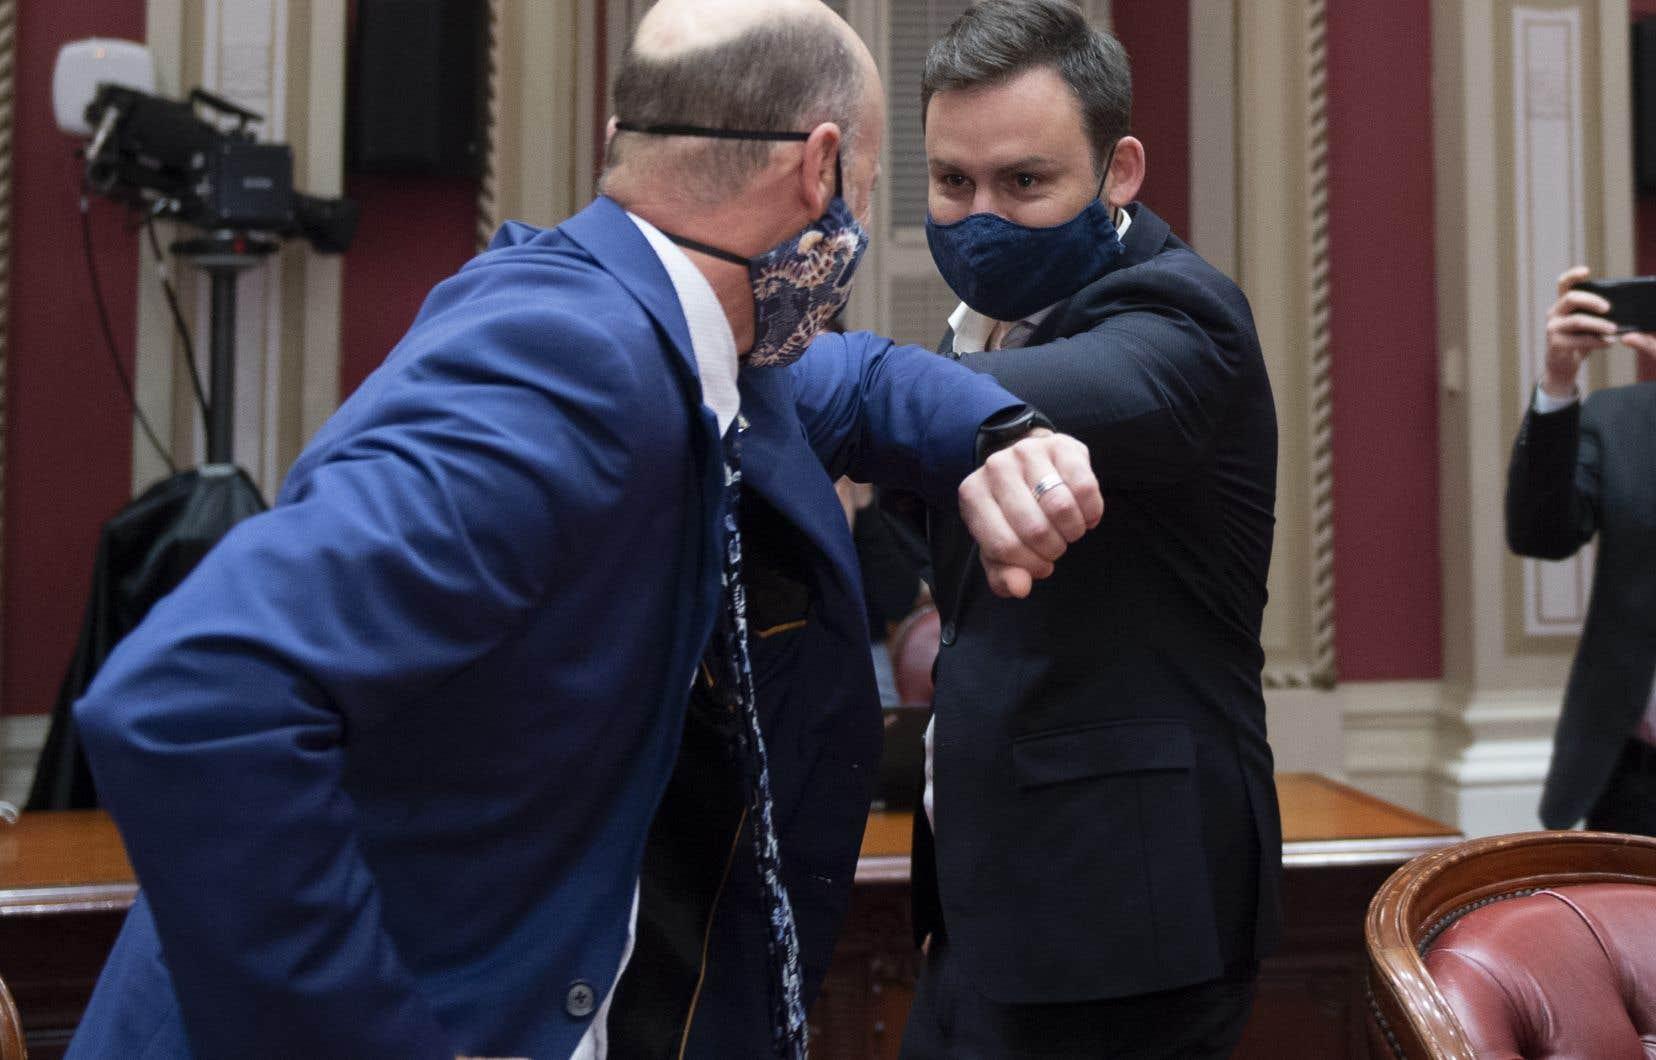 C'est Joël Arseneau qui aura la tâche d'organiser les travaux du caucus et de questionner le premier ministre au Salon bleu cette session, en attendant l'entrée à l'Assemblée nationale de Paul St-Pierre Plamondon.